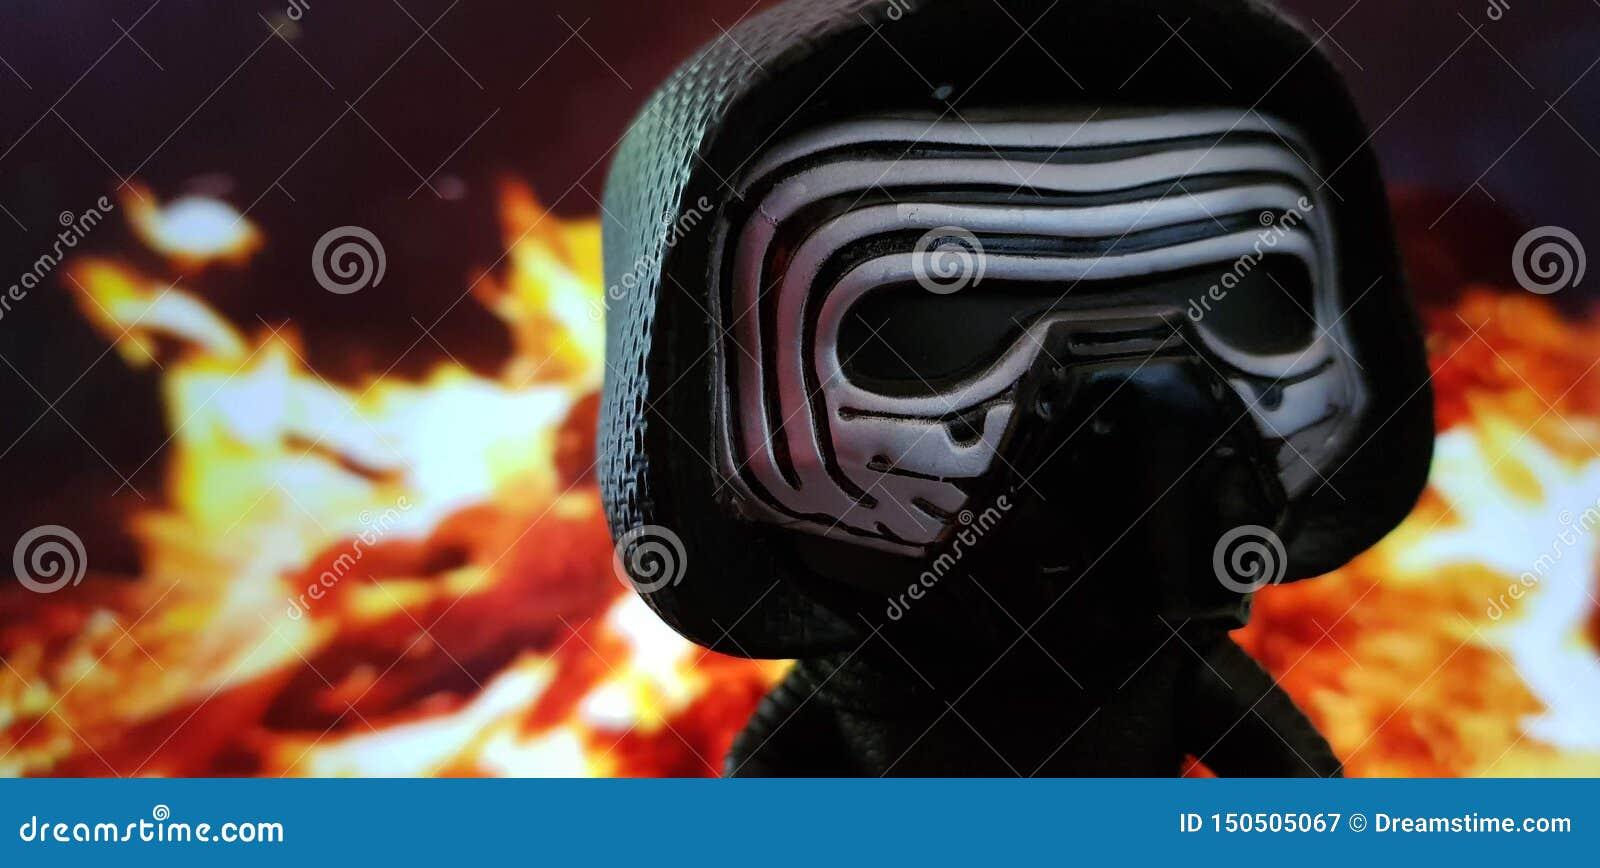 Darth Vader Toy Figurine